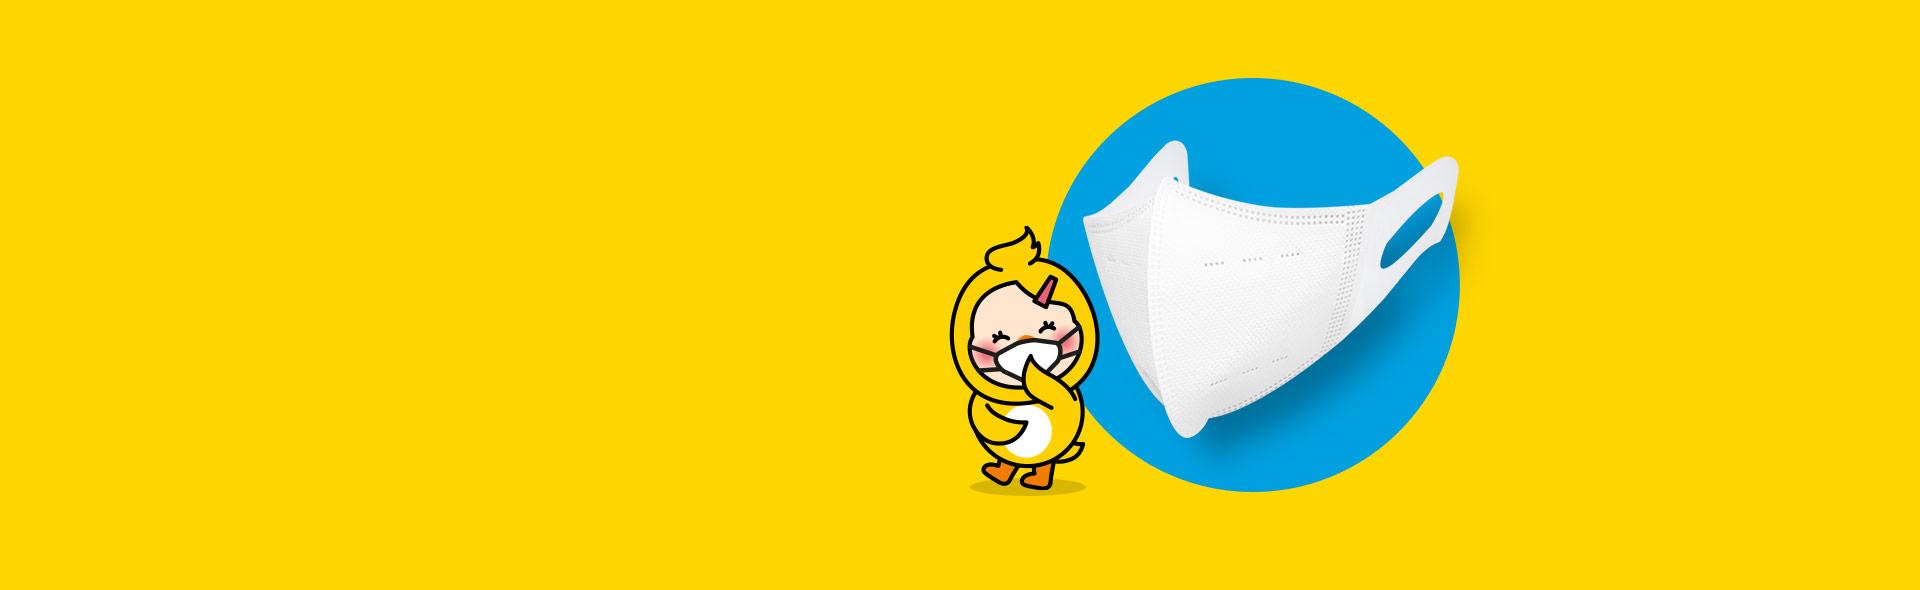 뛰어난 비말 차단 효과 아토팜 마스크♥ 이미지 7